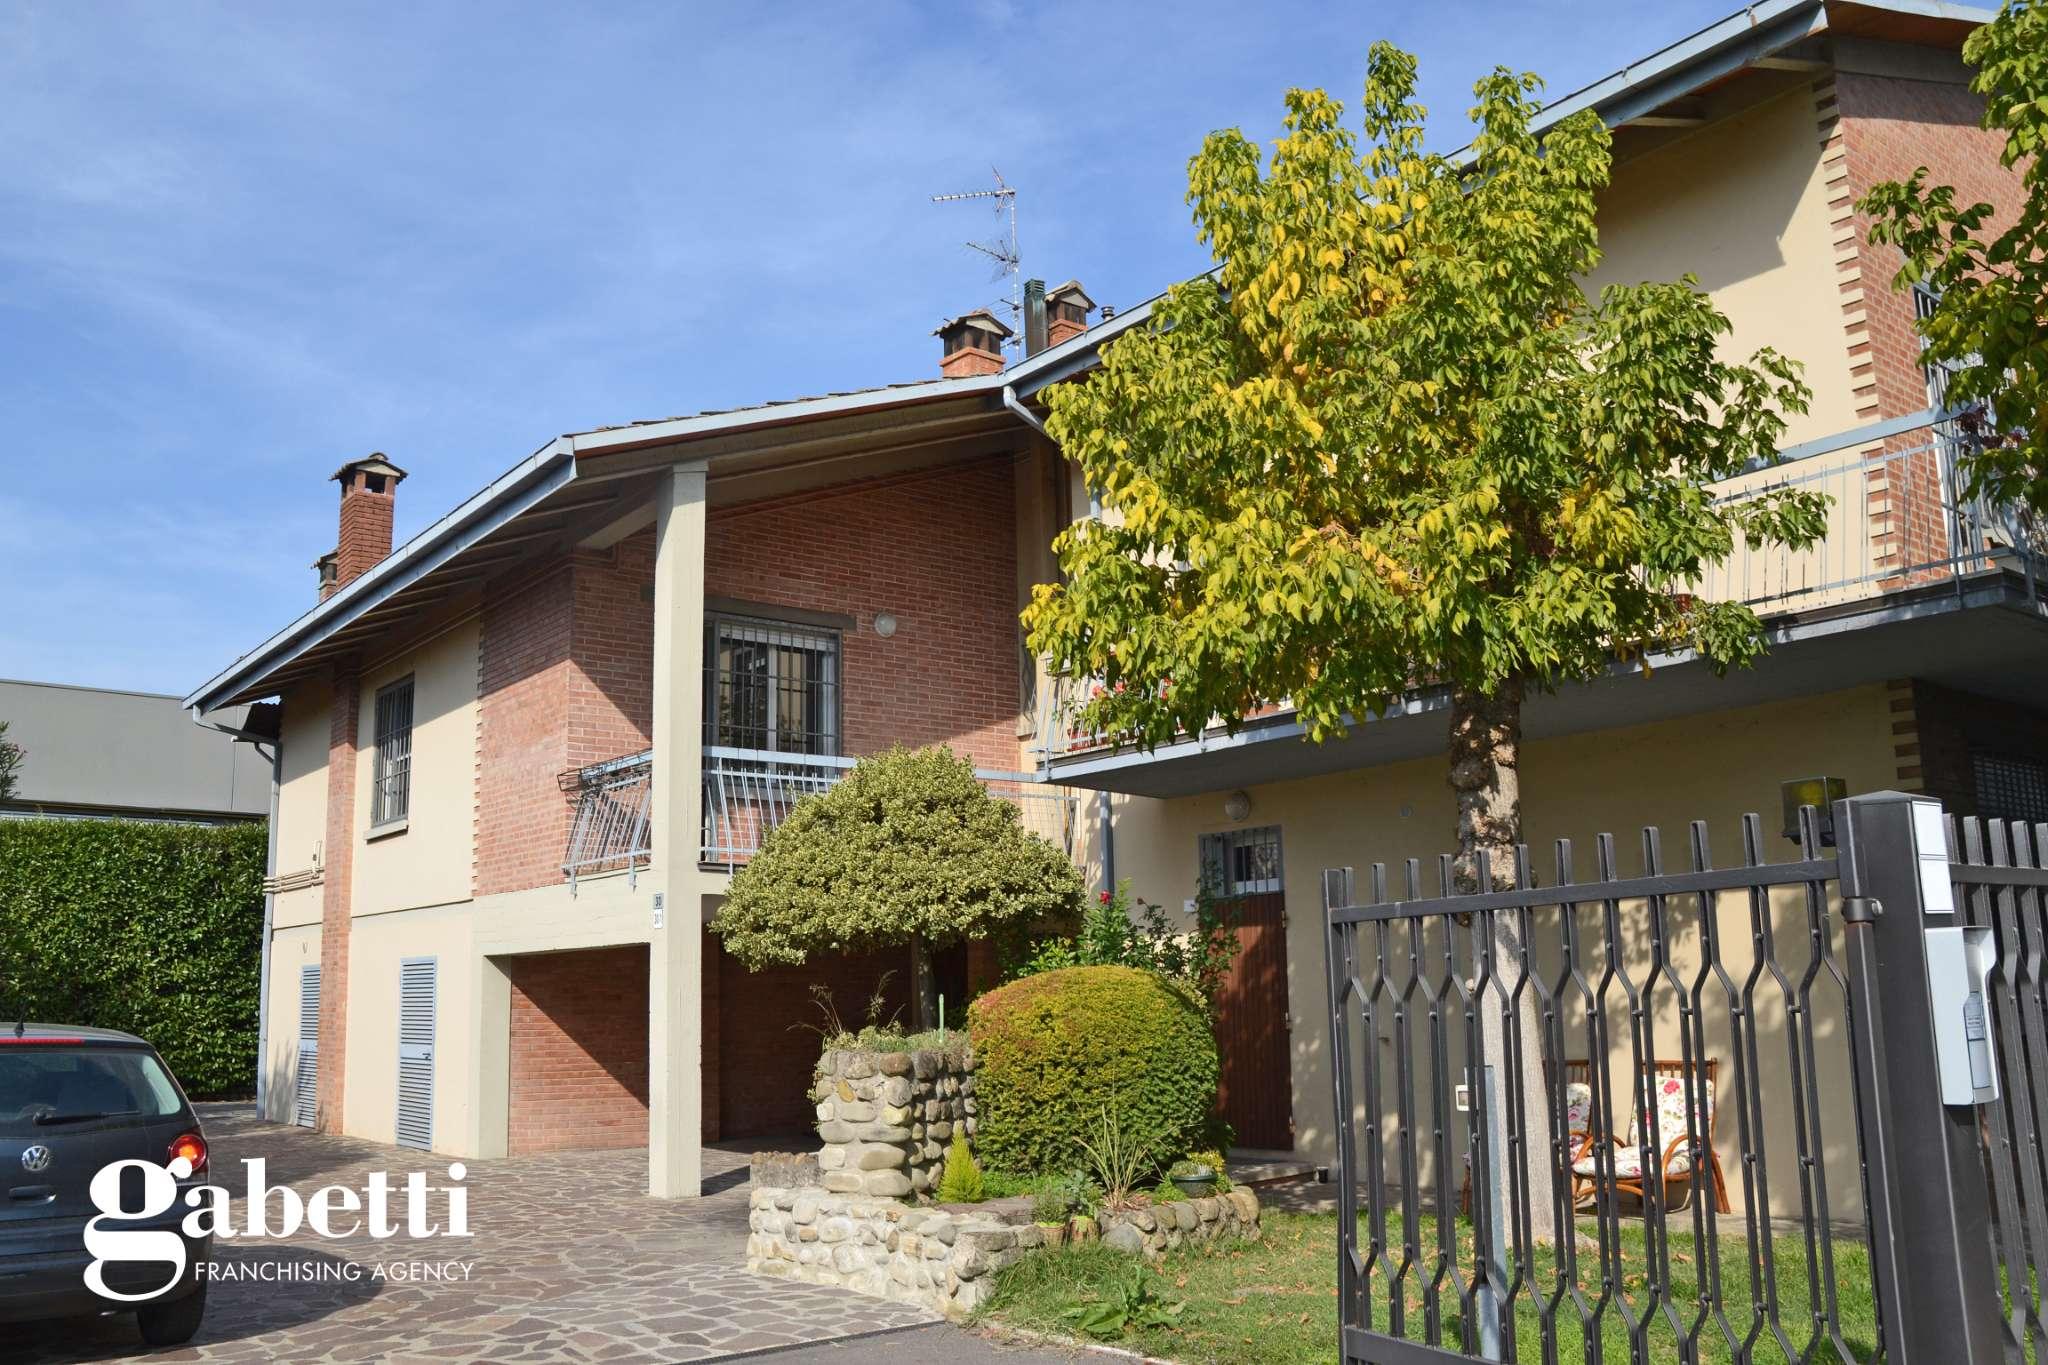 Appartamento in vendita a Castel Maggiore, 4 locali, prezzo € 195.000 | PortaleAgenzieImmobiliari.it